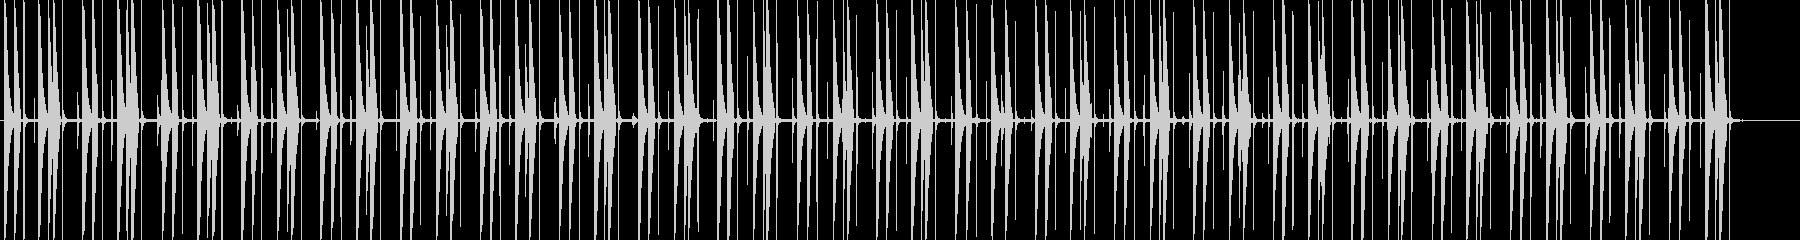 ファンキーなコンガビートの未再生の波形